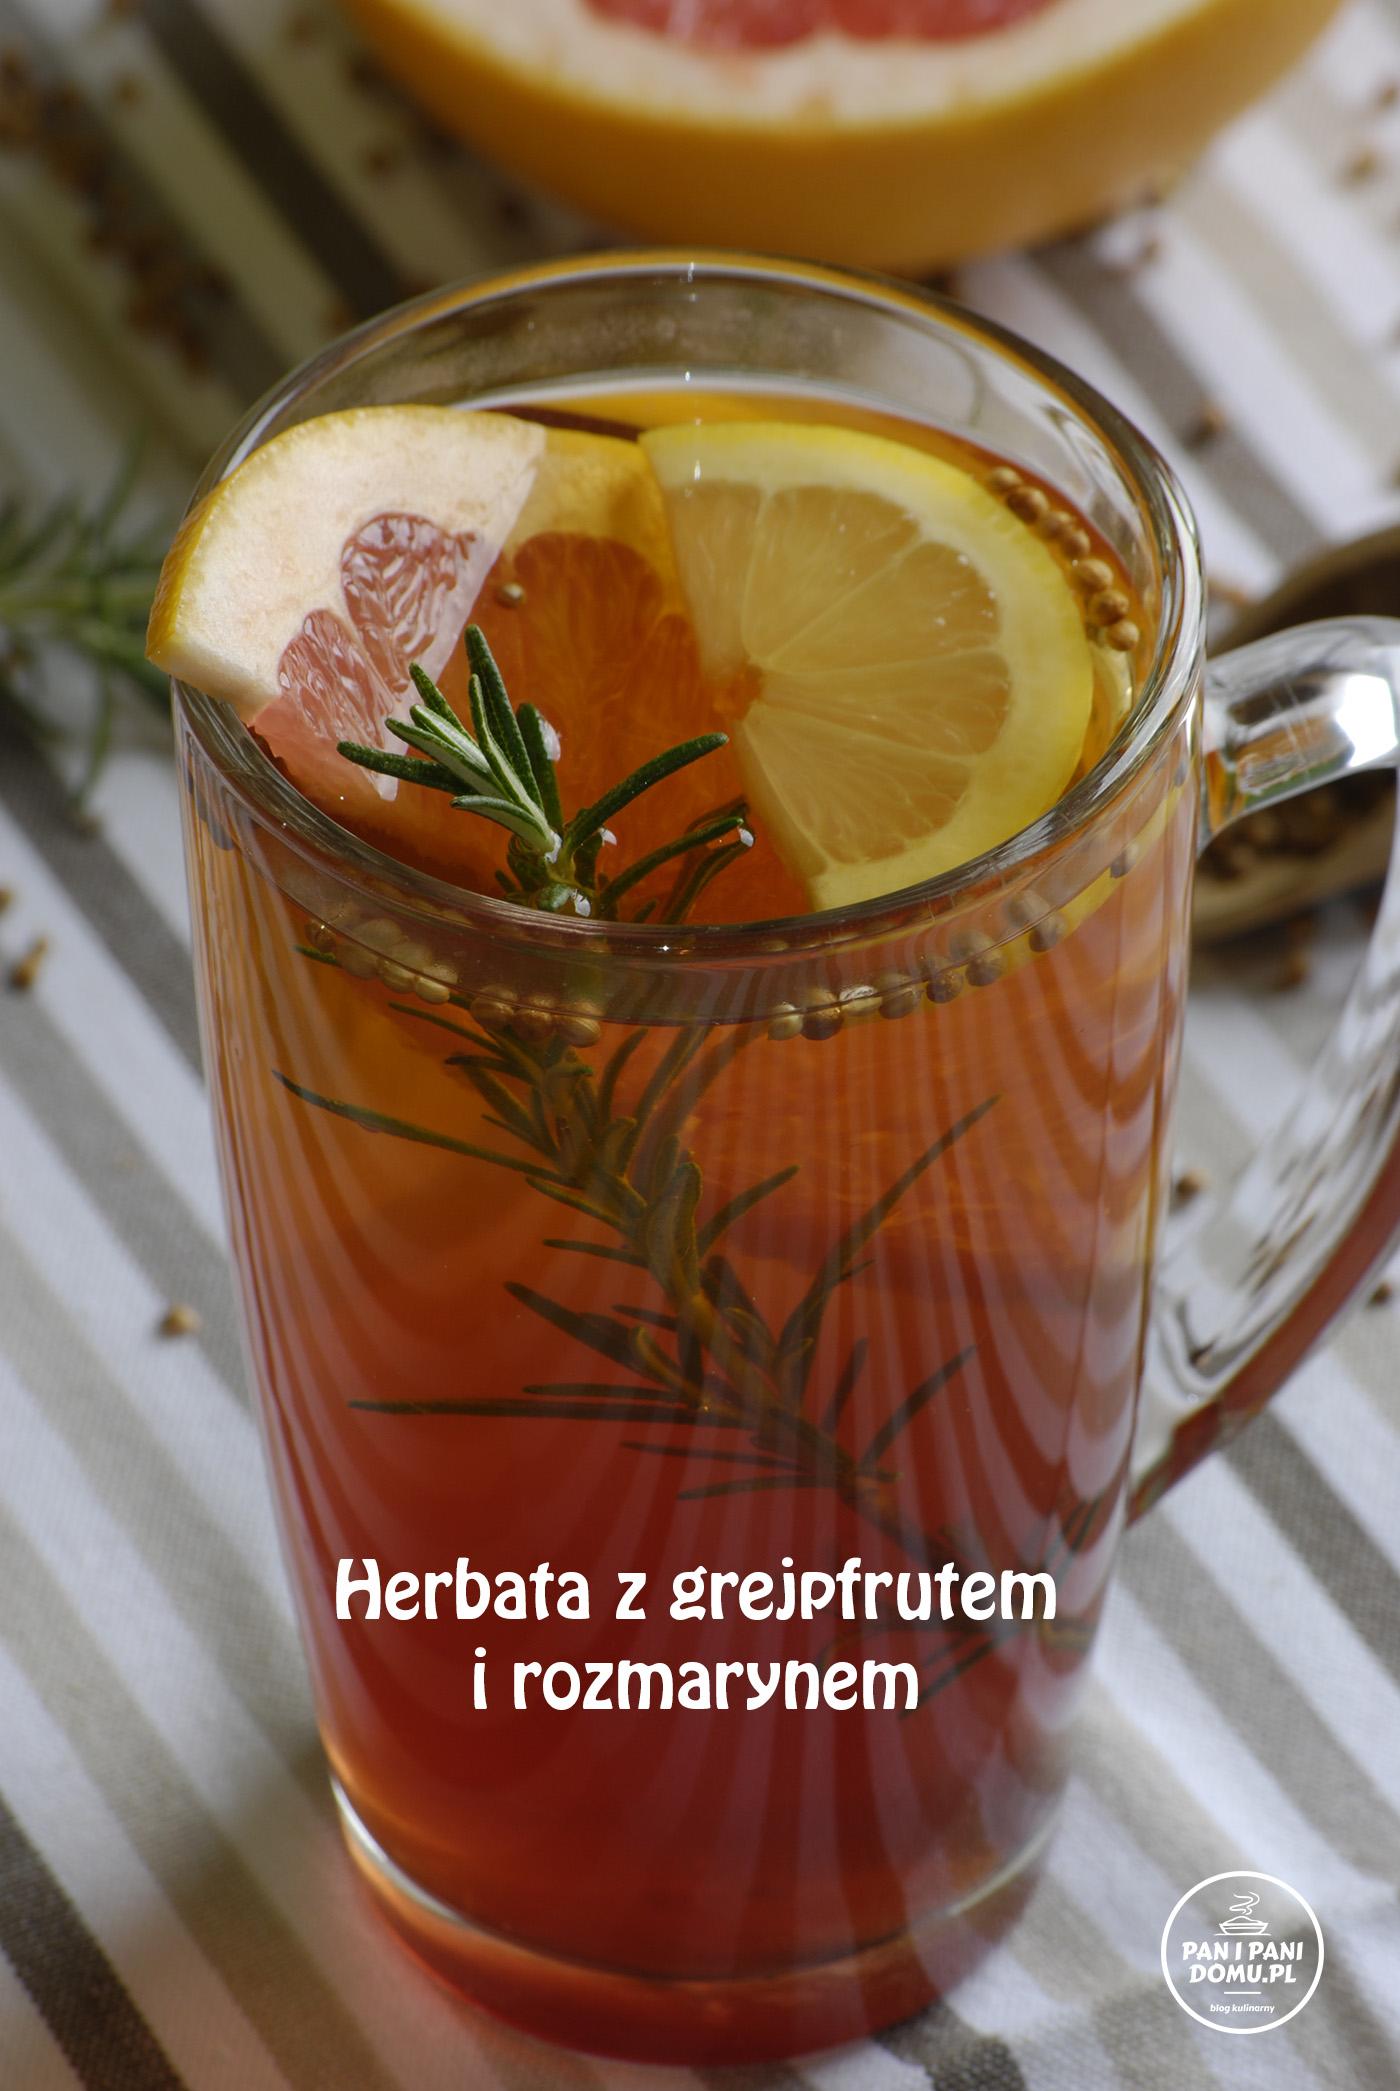 herbata z grejpfrutem